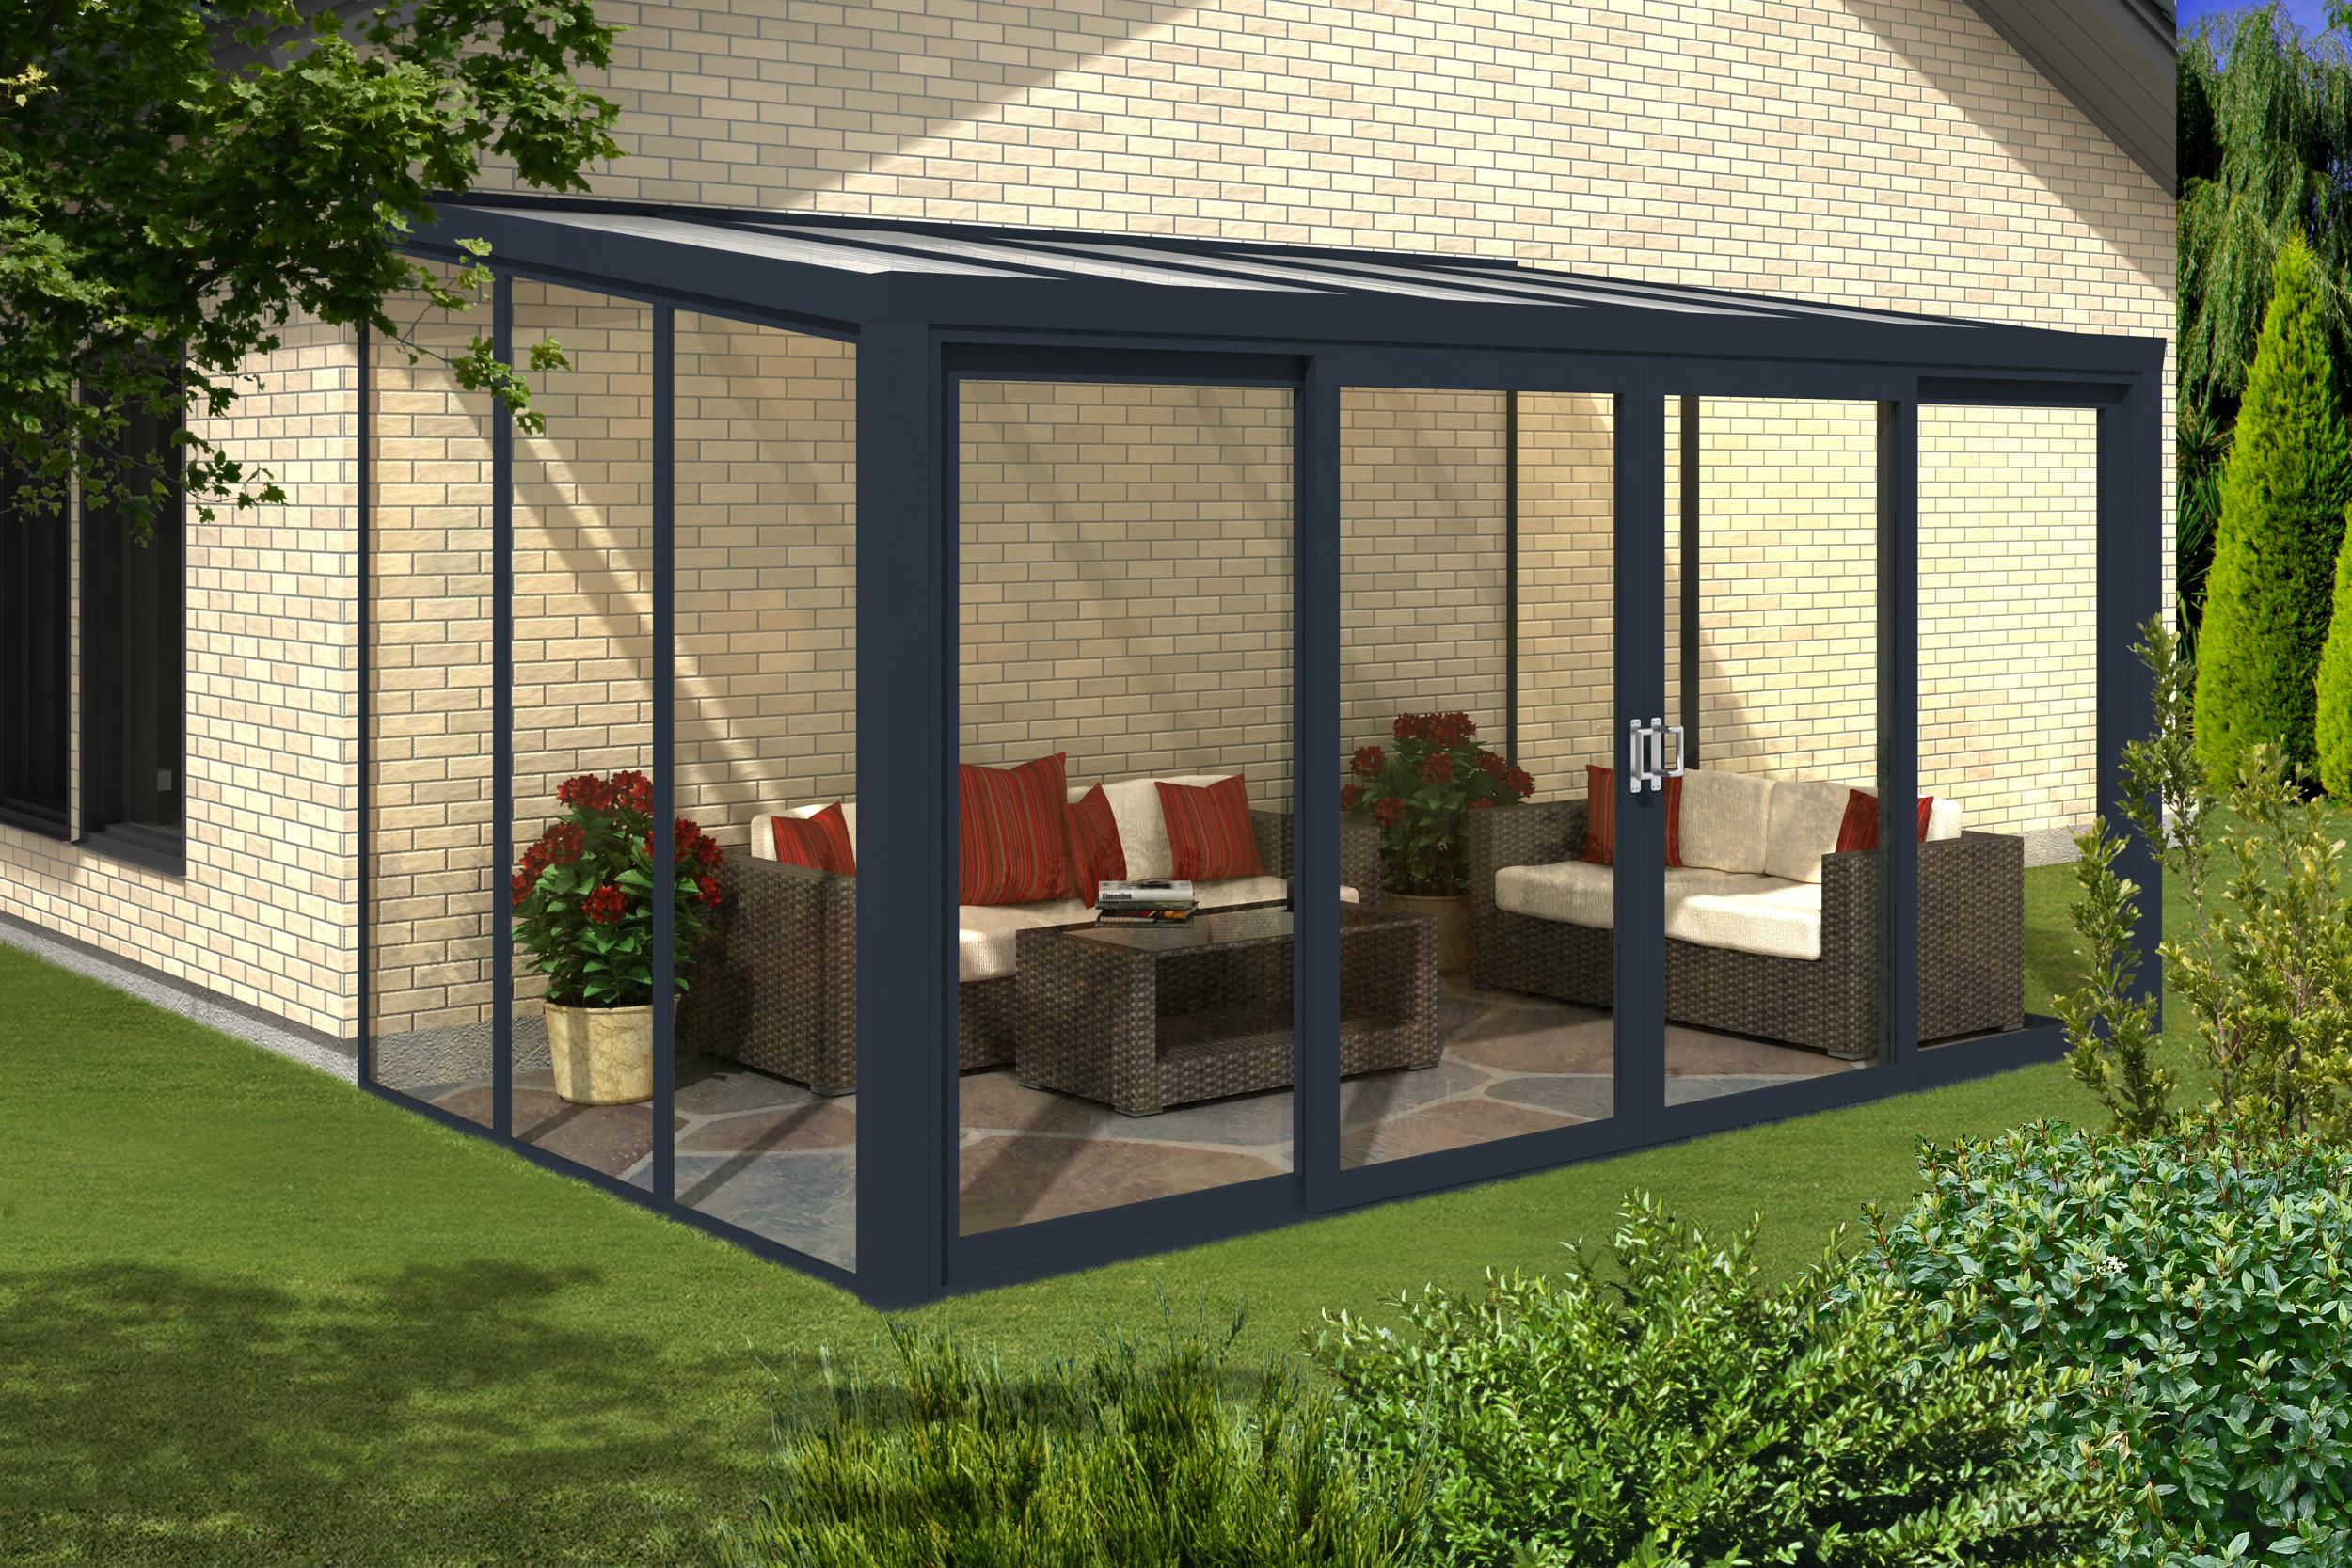 Gartenzimmer 600 X 350 Cm Mit 4 Teiliger Schiebet R